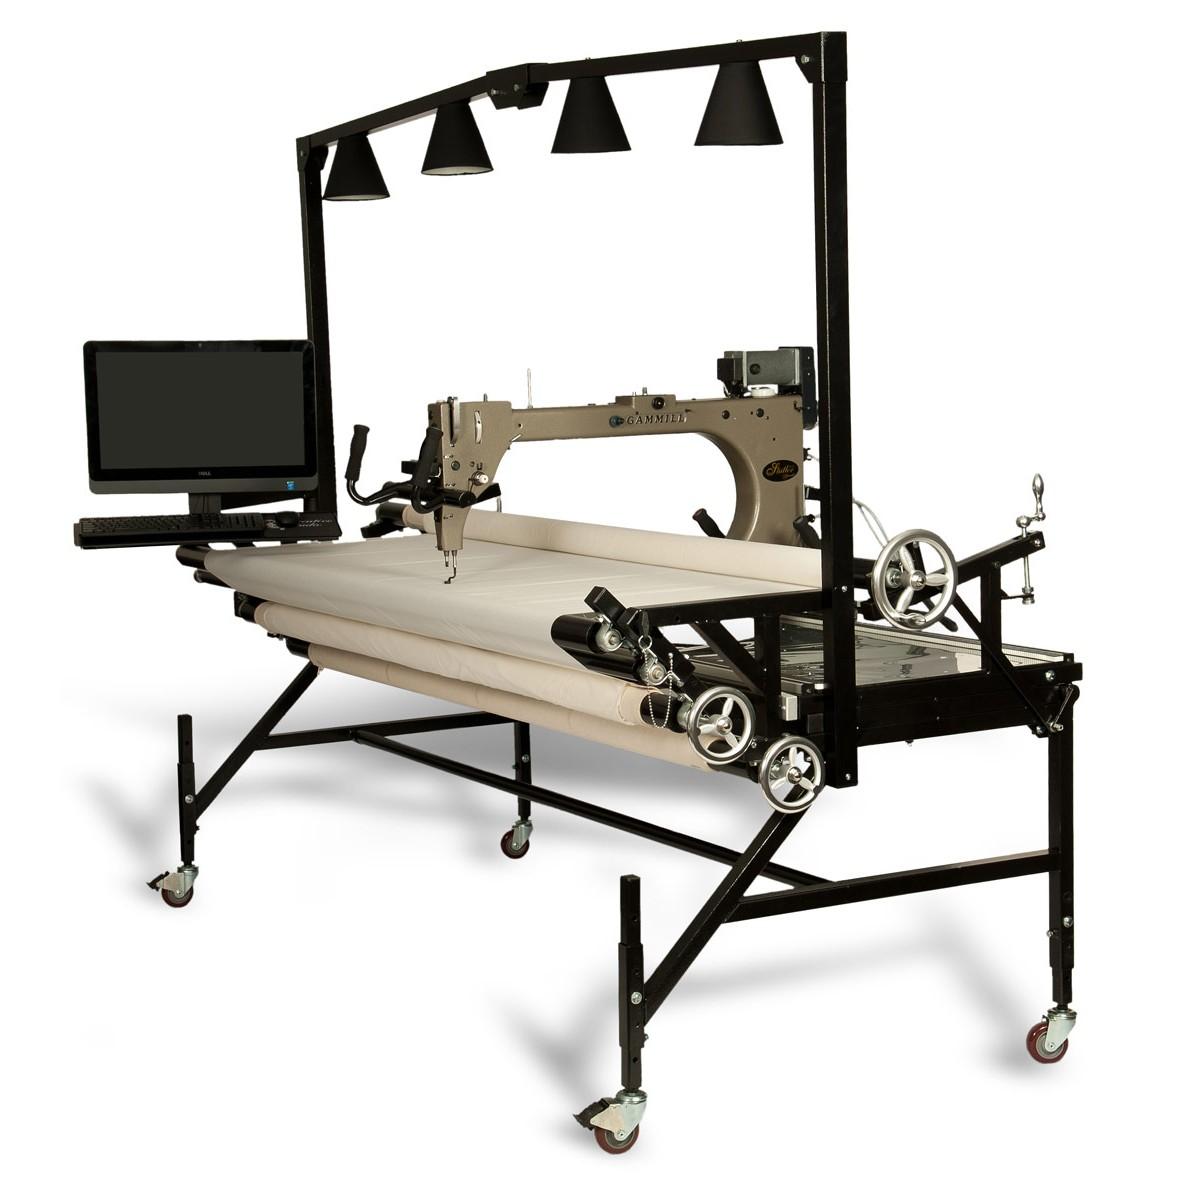 Longarm Quilting machine